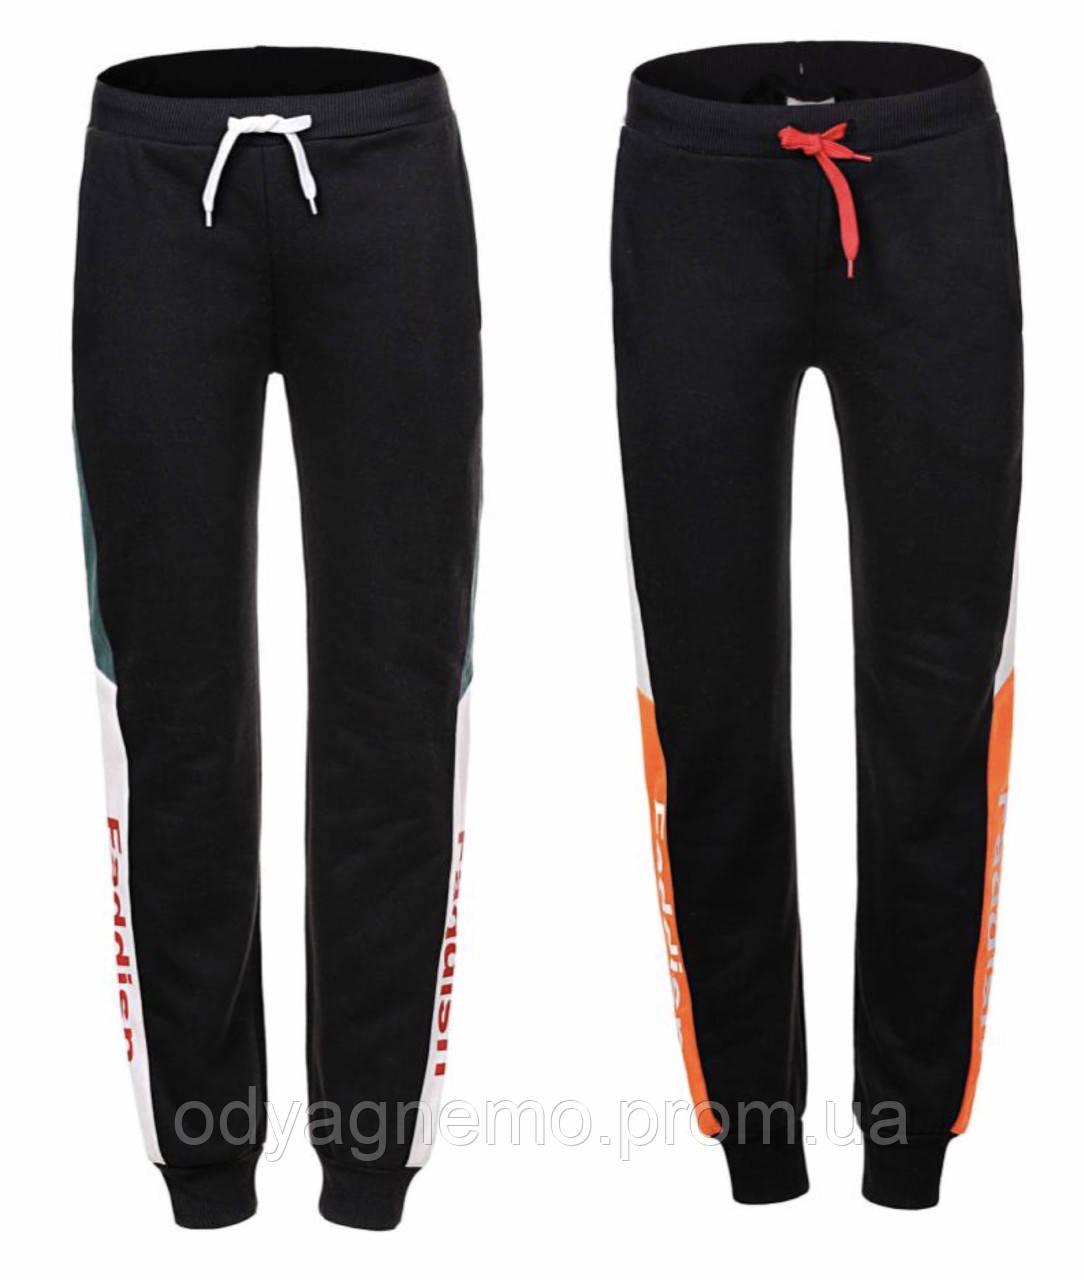 Спортивні штани з начосом для хлопчиків Glo-Story оптом,110-160 pp Артикул: BRT9332